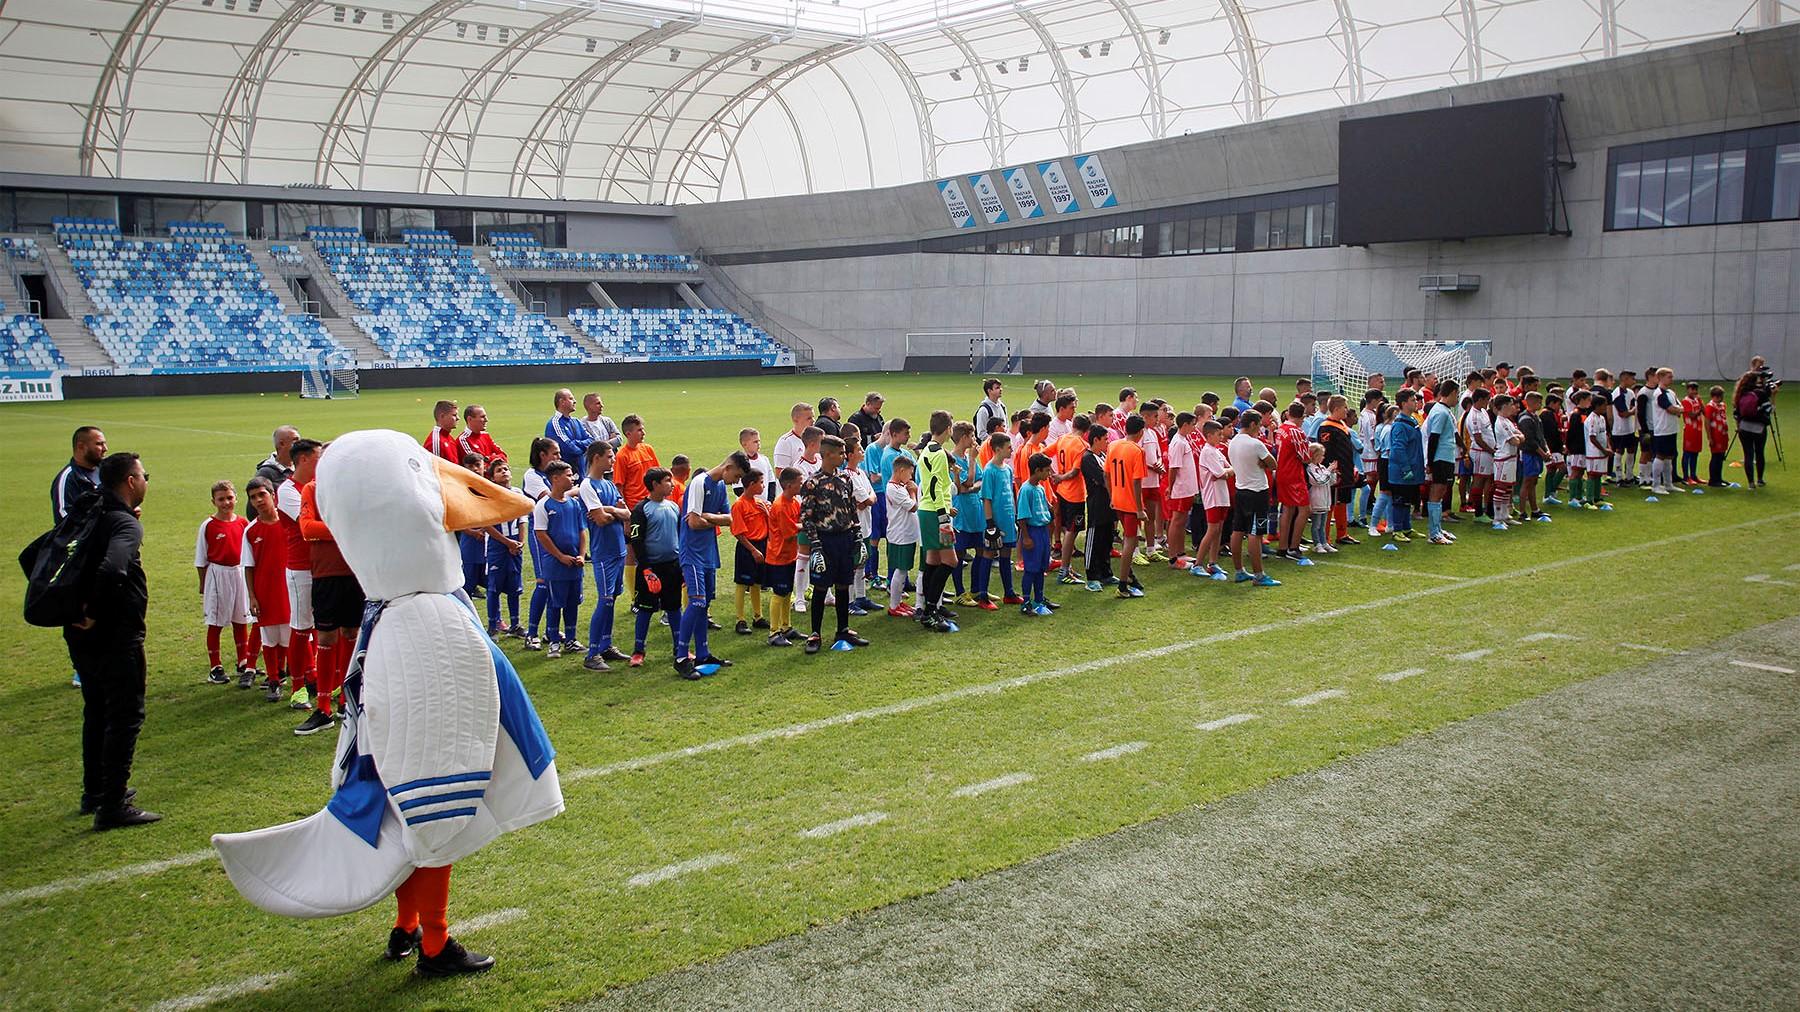 Szombaton rendeztük meg az Arany Kupát az Új Hidegkuti Nándor Stadionban